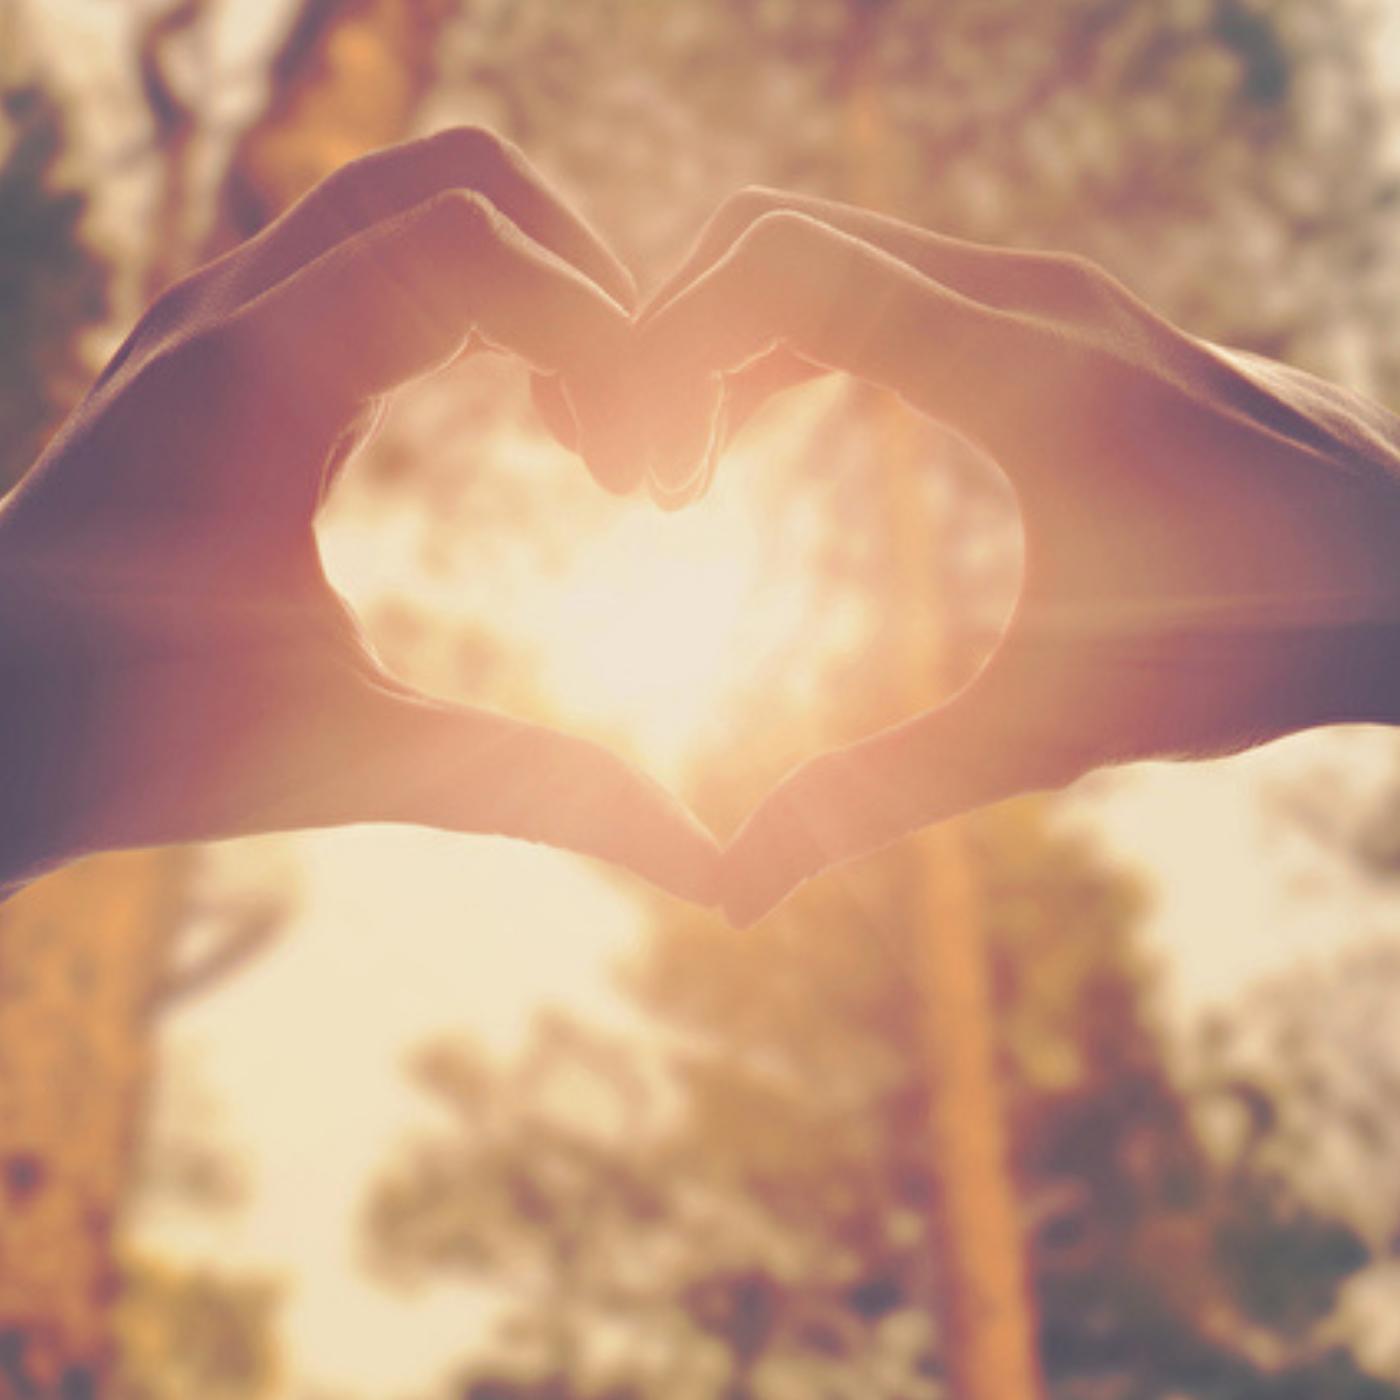 test hvilket kærlighedssprog du taler